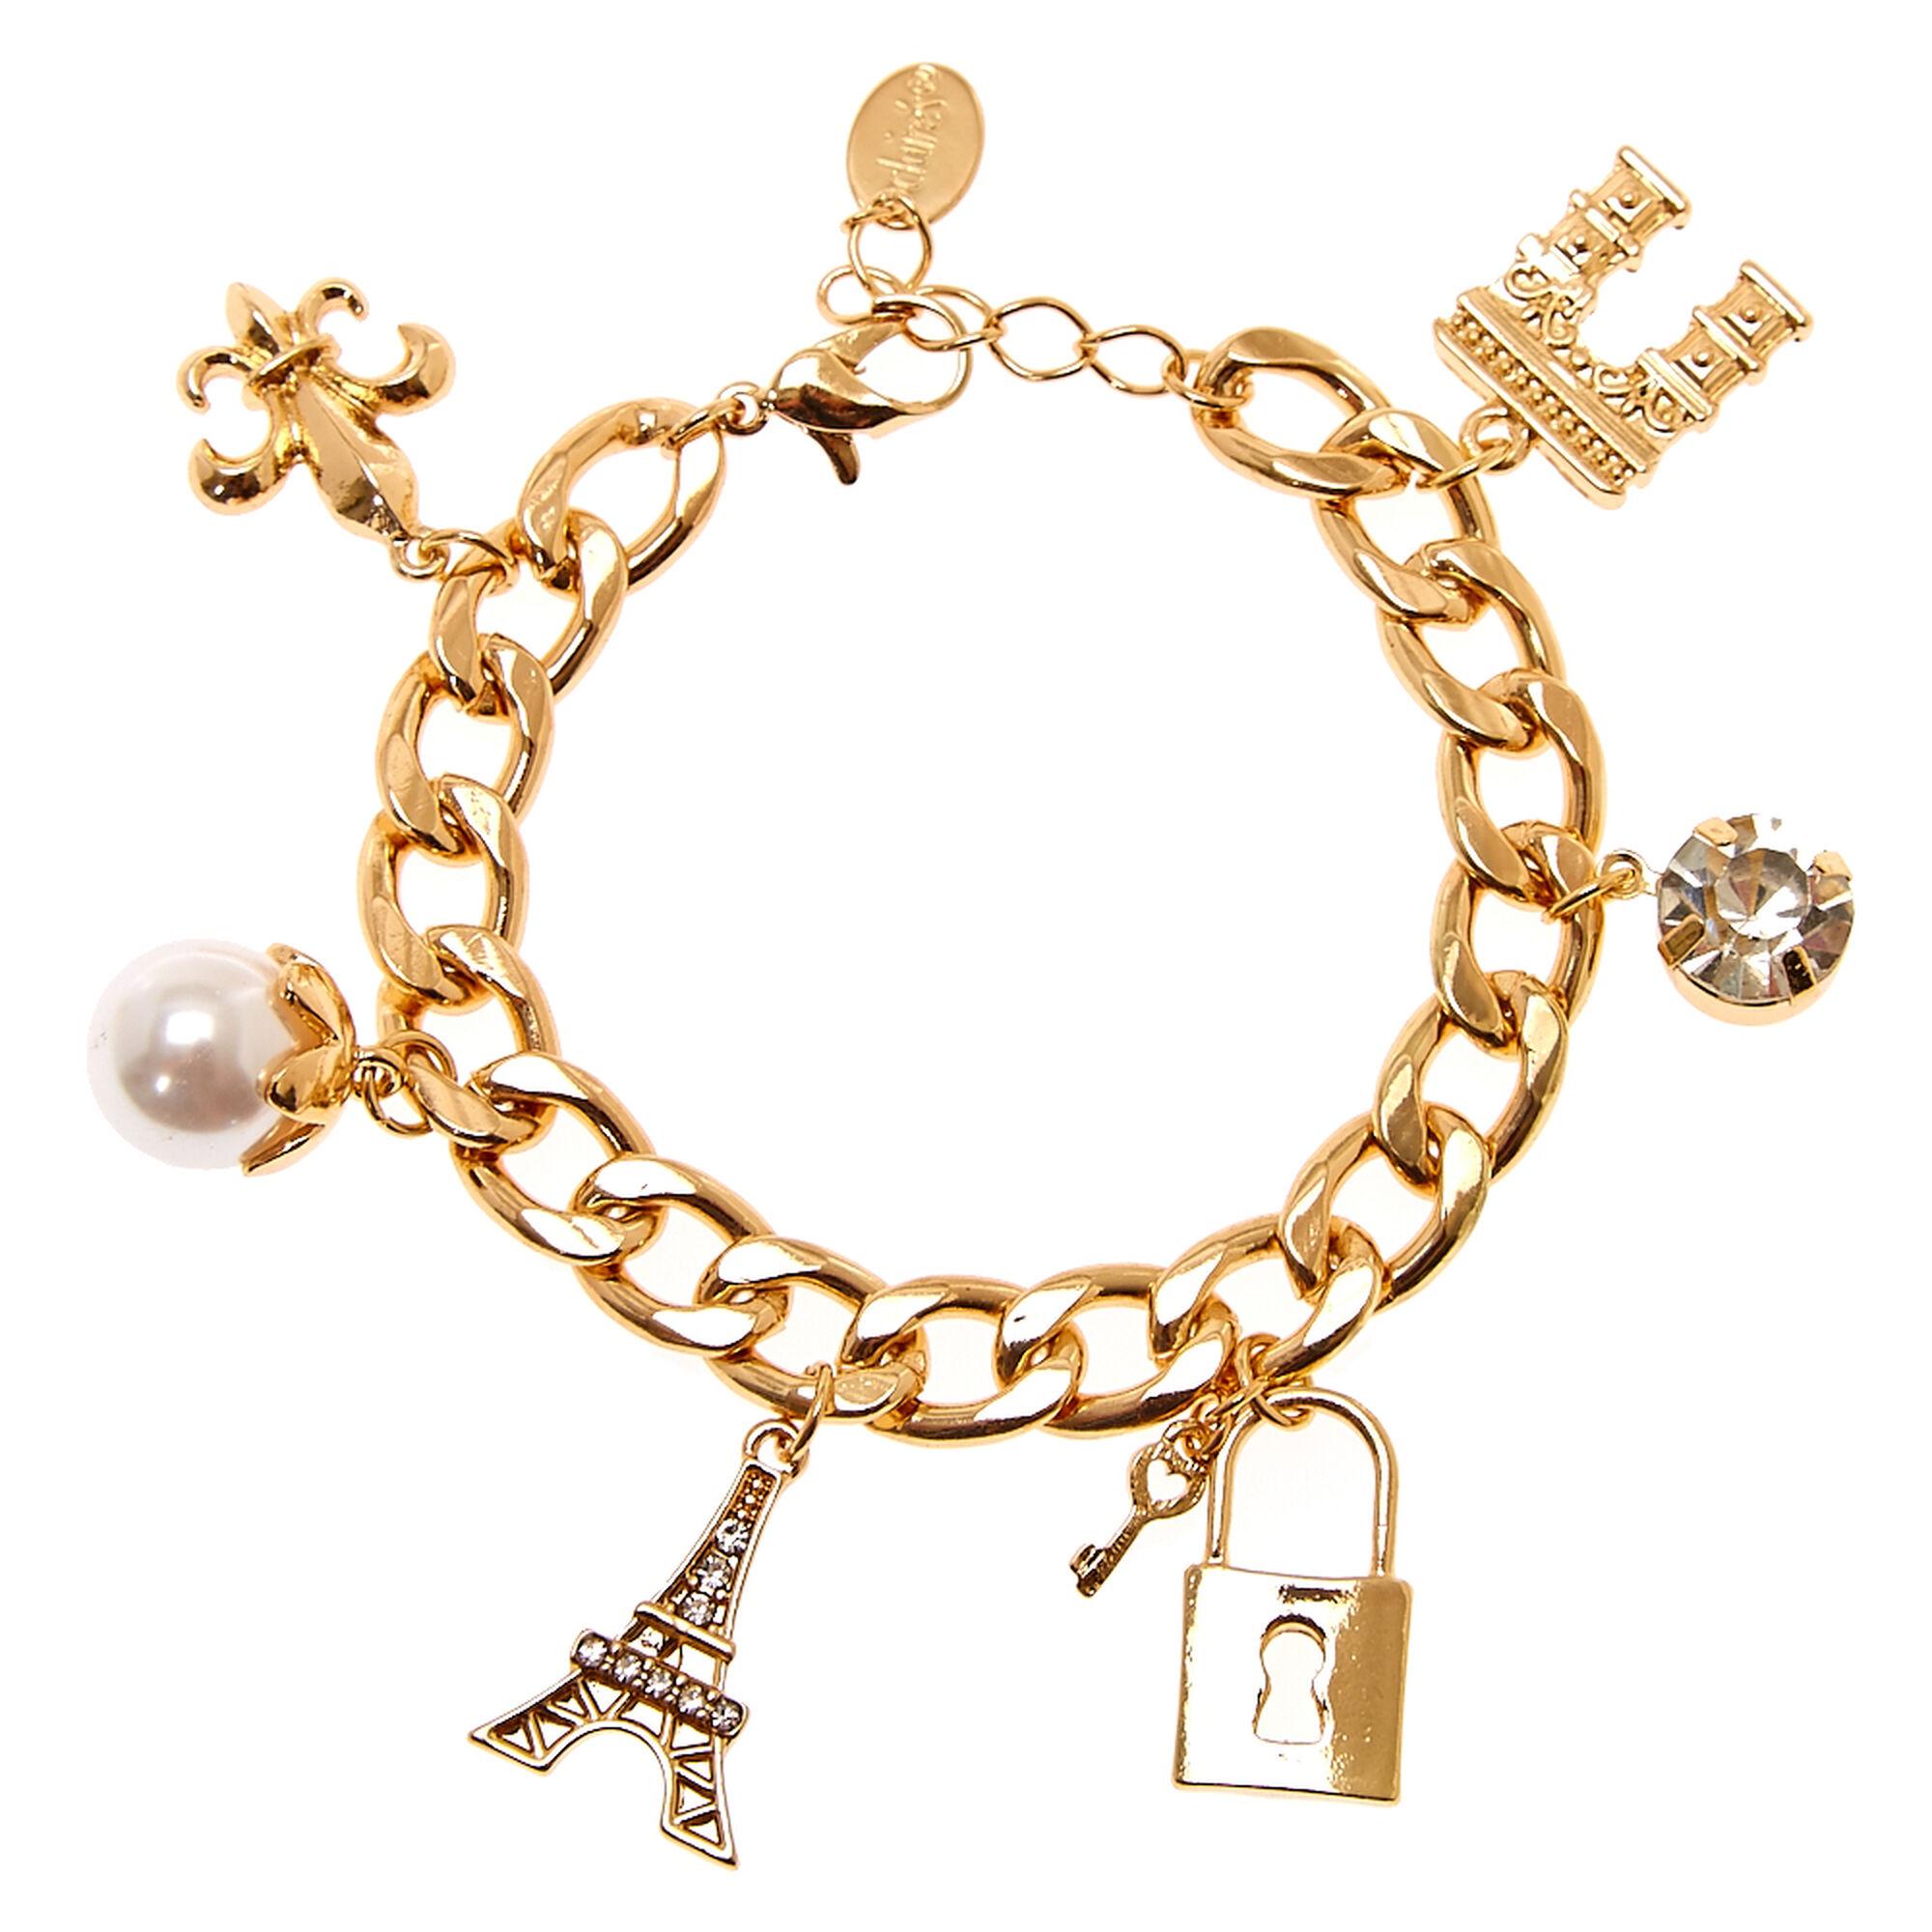 Gold Paris Charm Bracelet